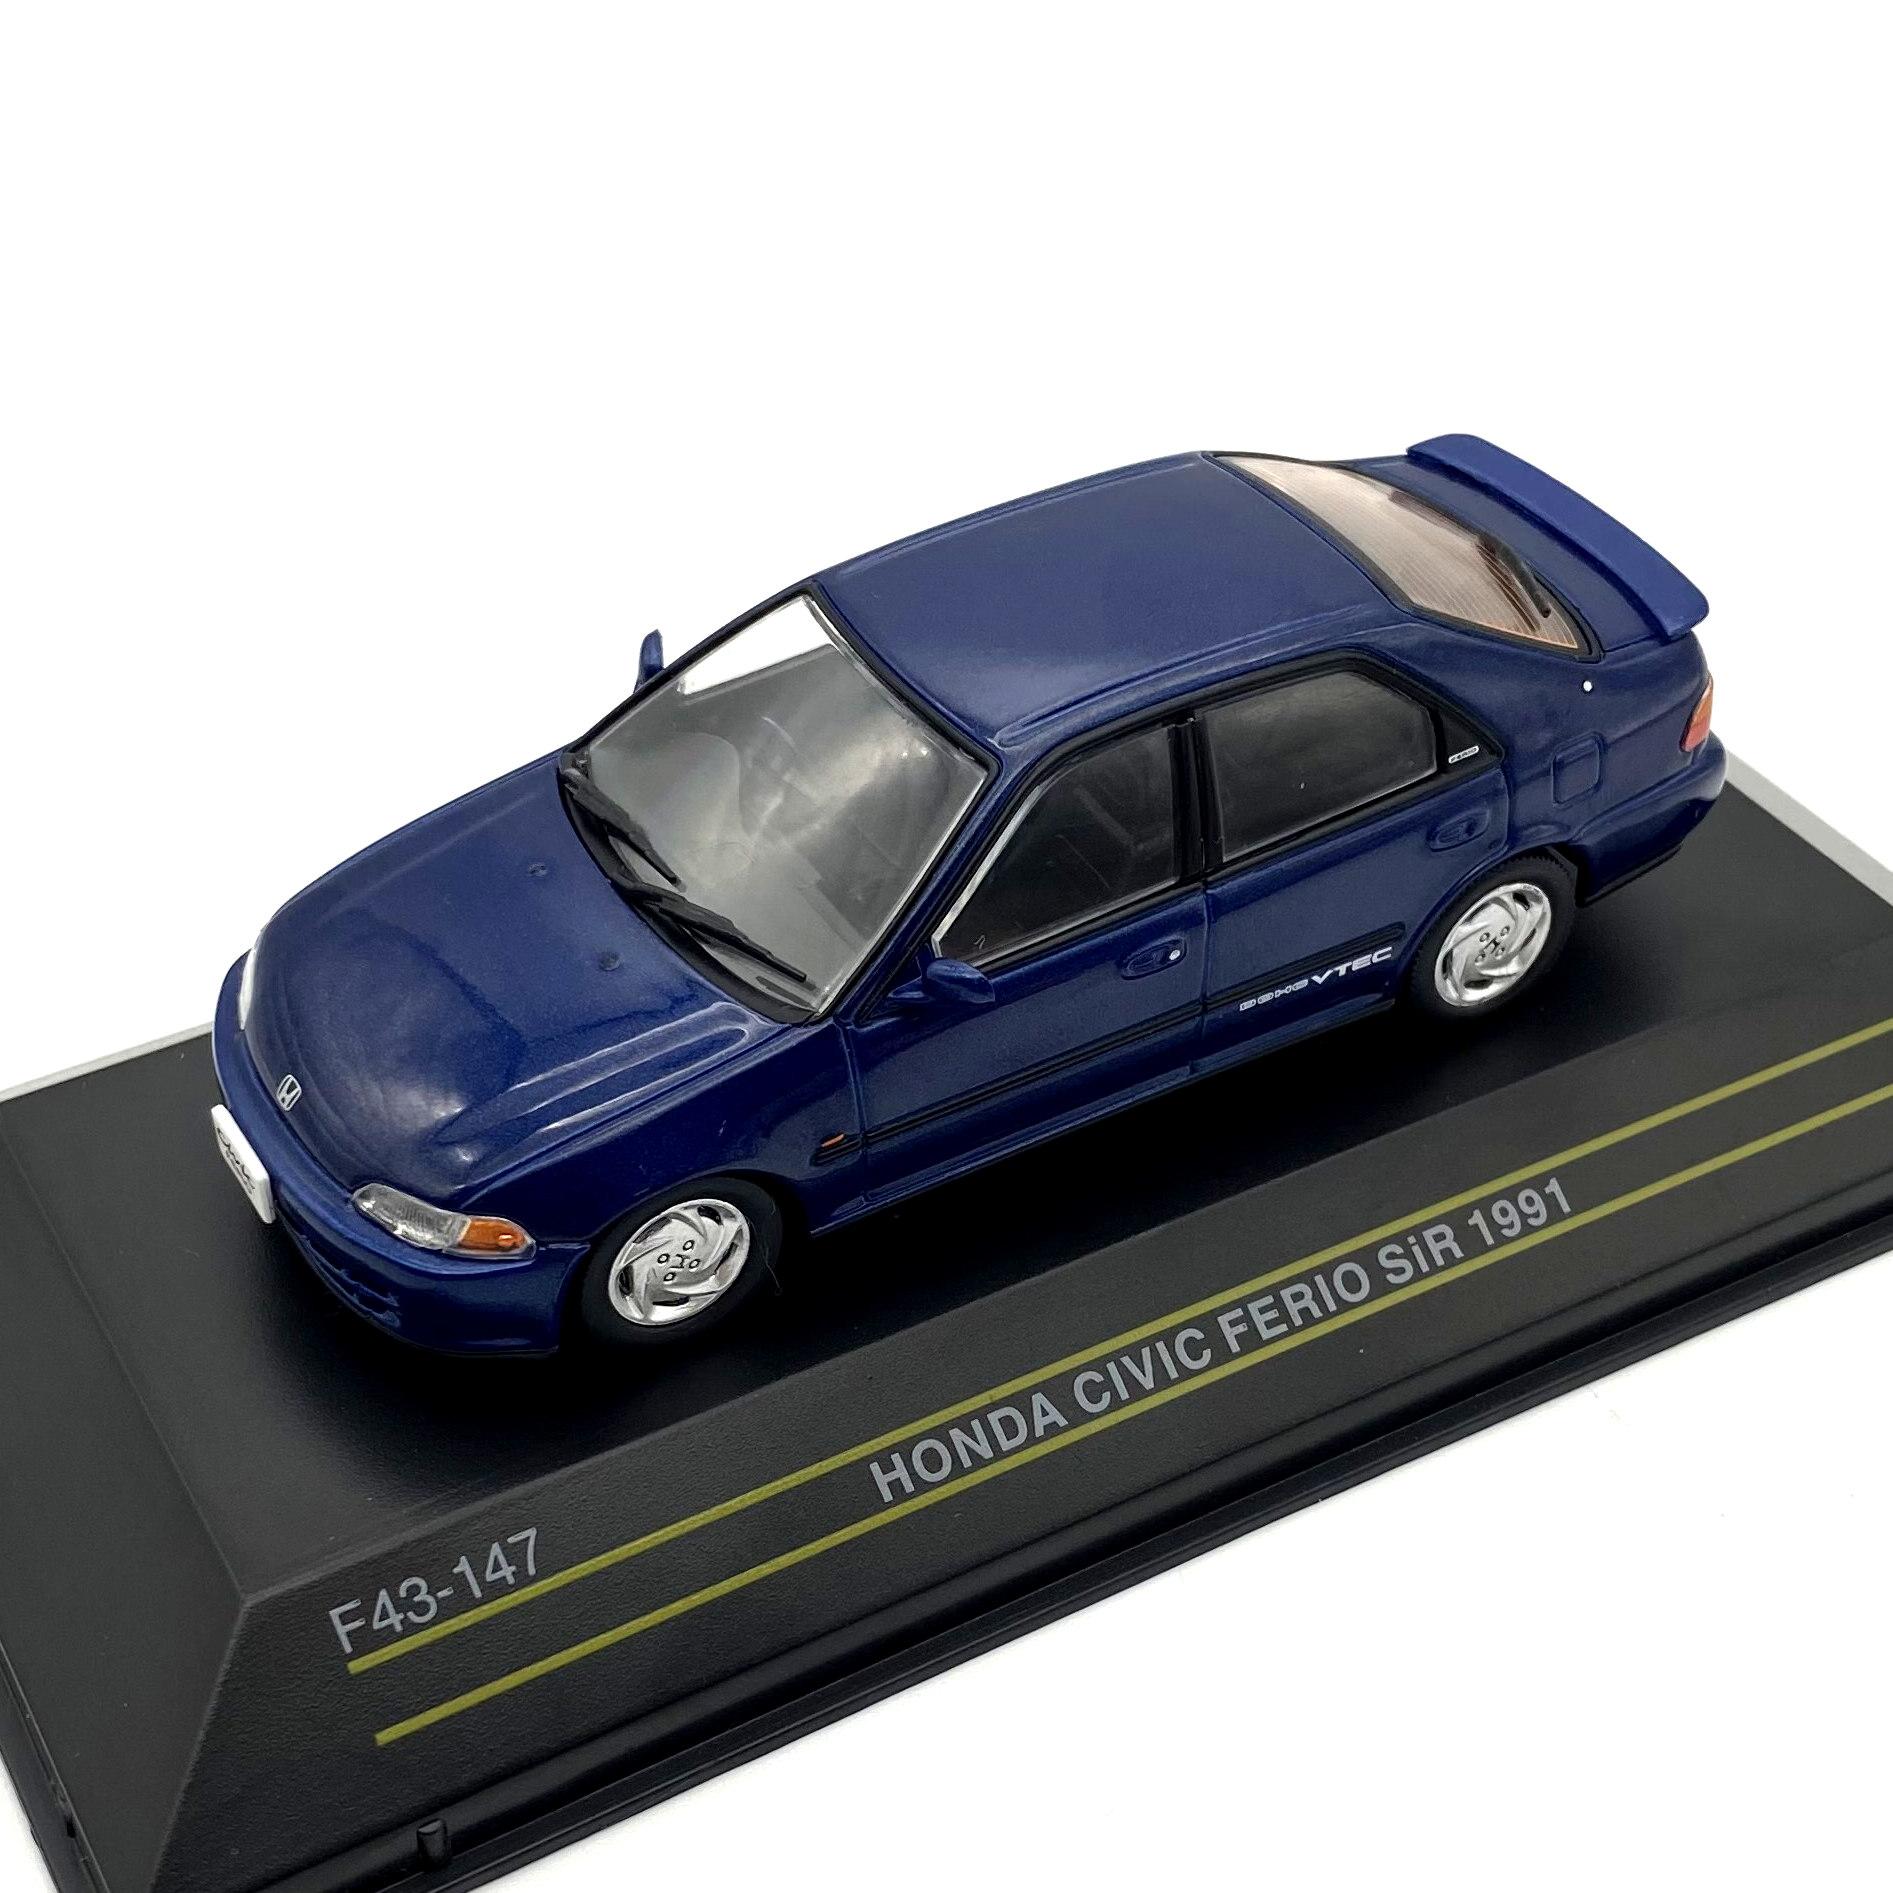 First43/ファースト43 ホンダ シビックフェリオ SiR 1991 ブルー